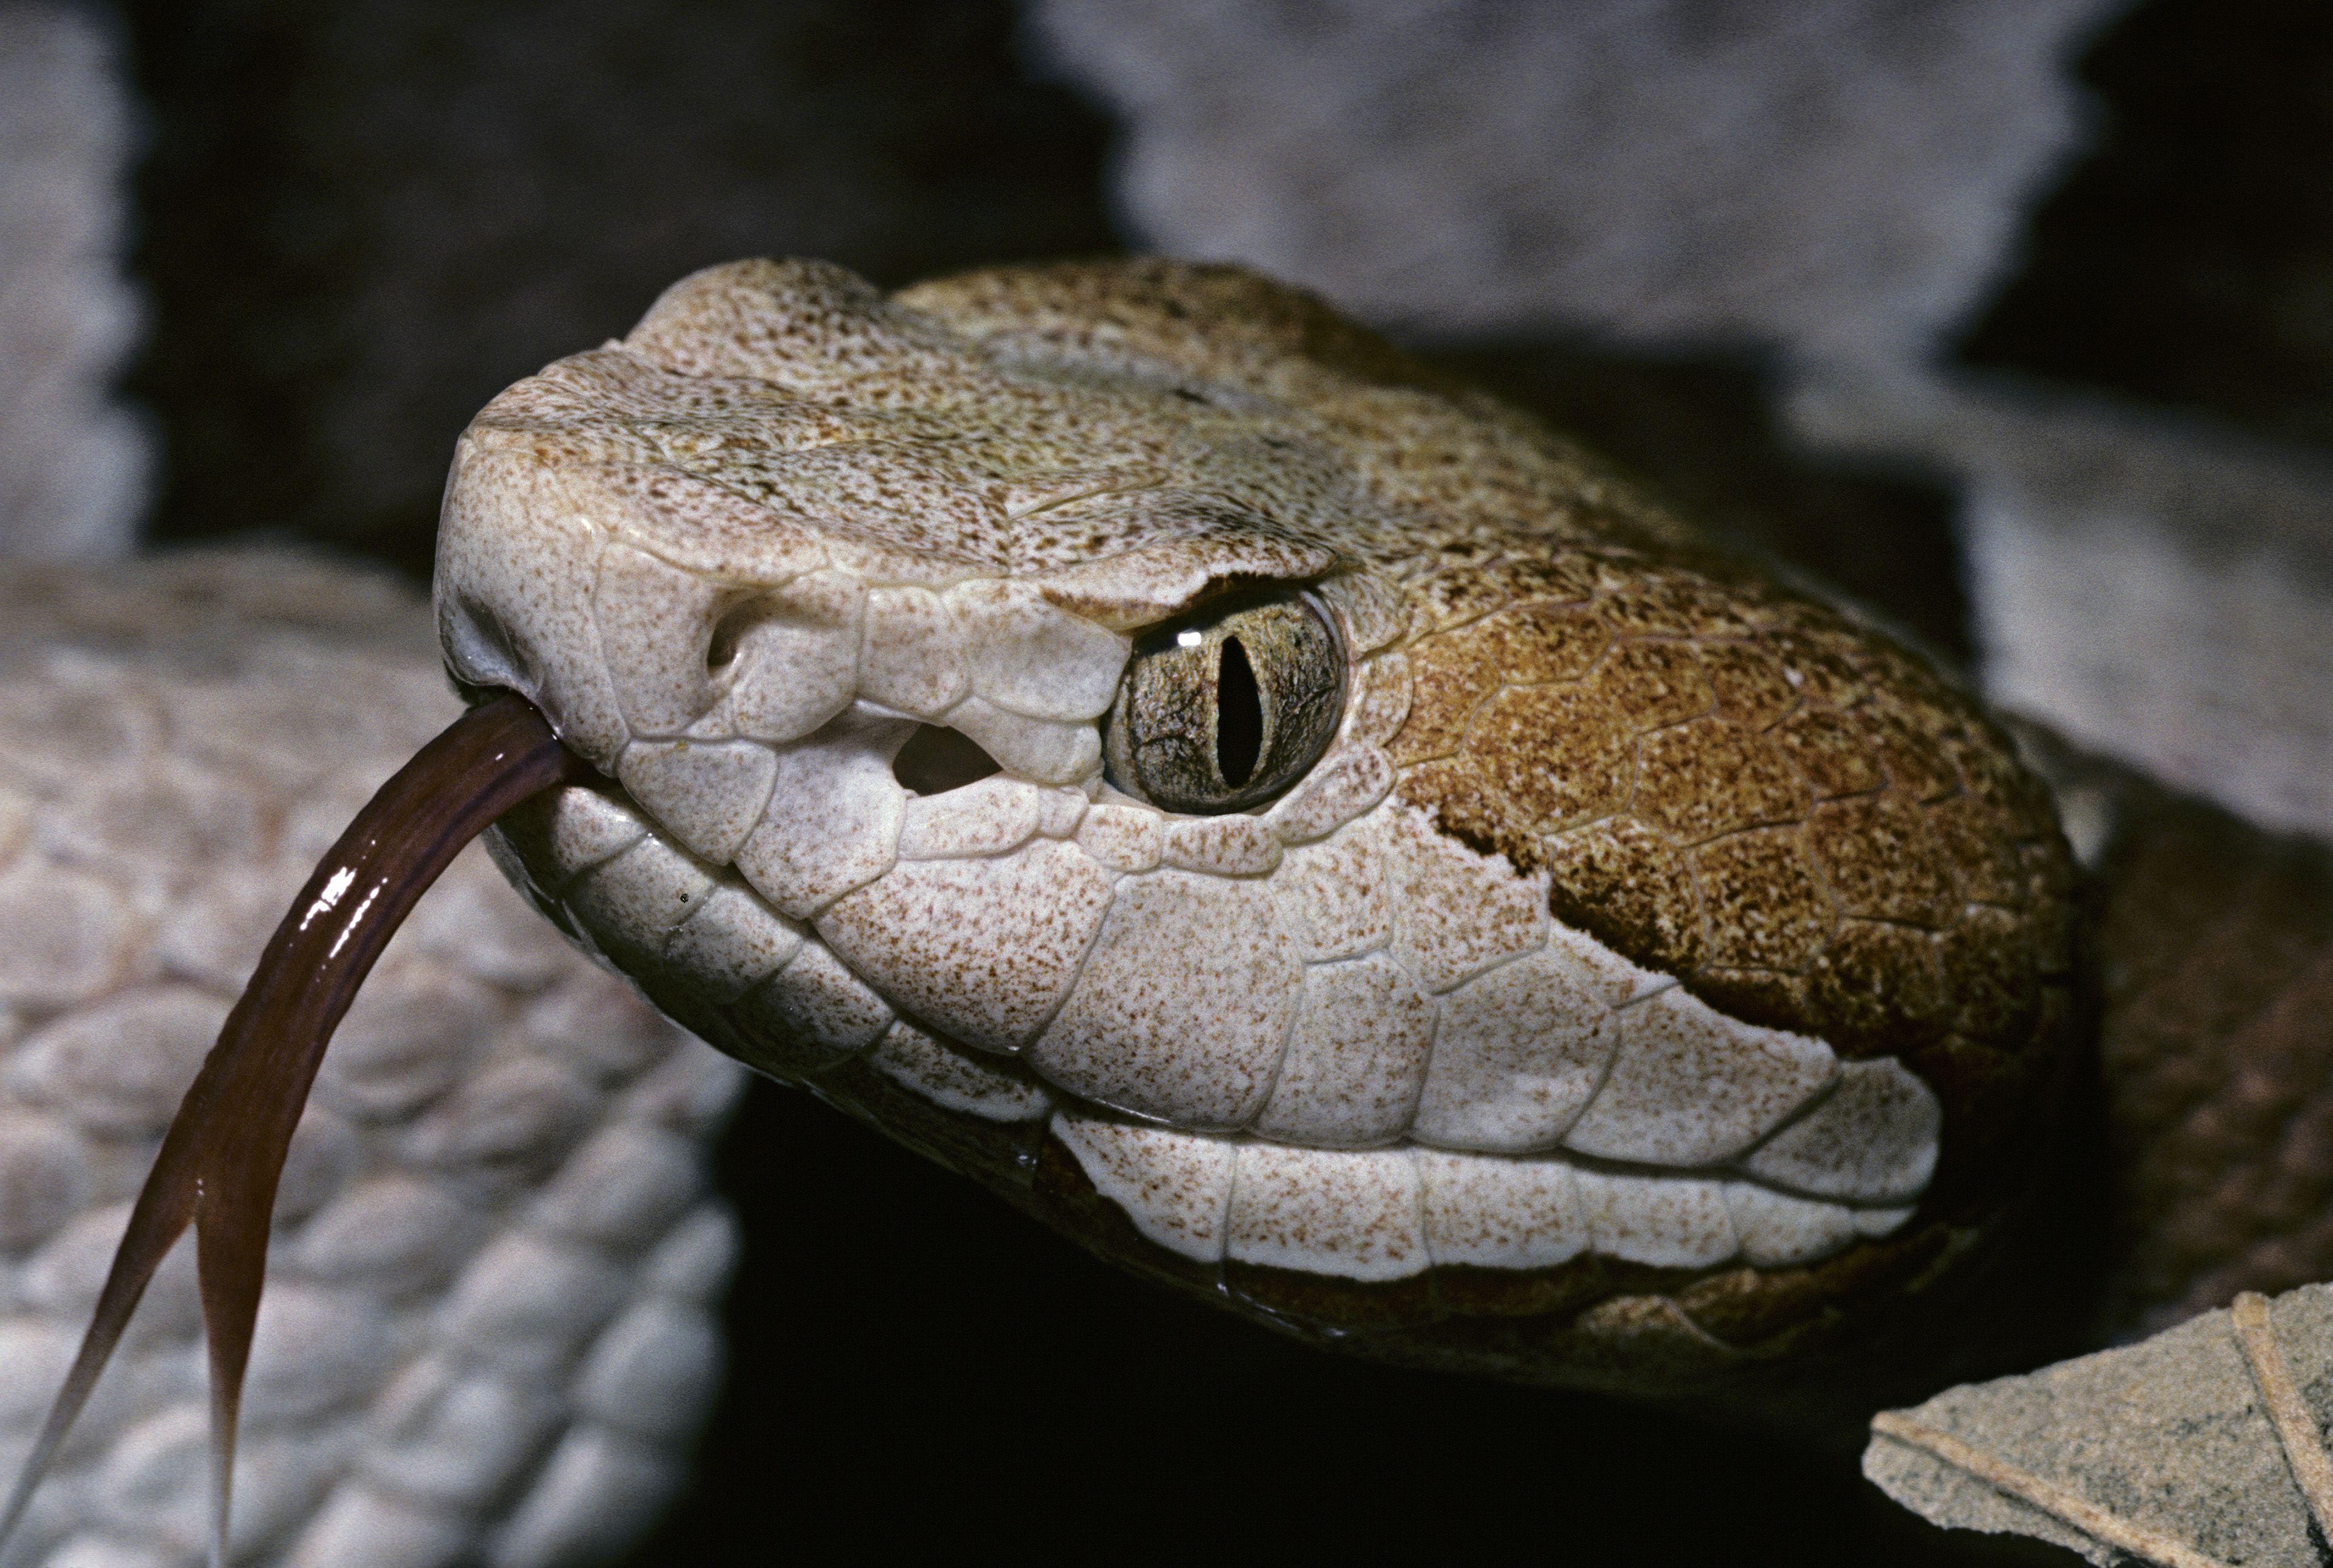 arkansas u0027 six deadly venomous snakes